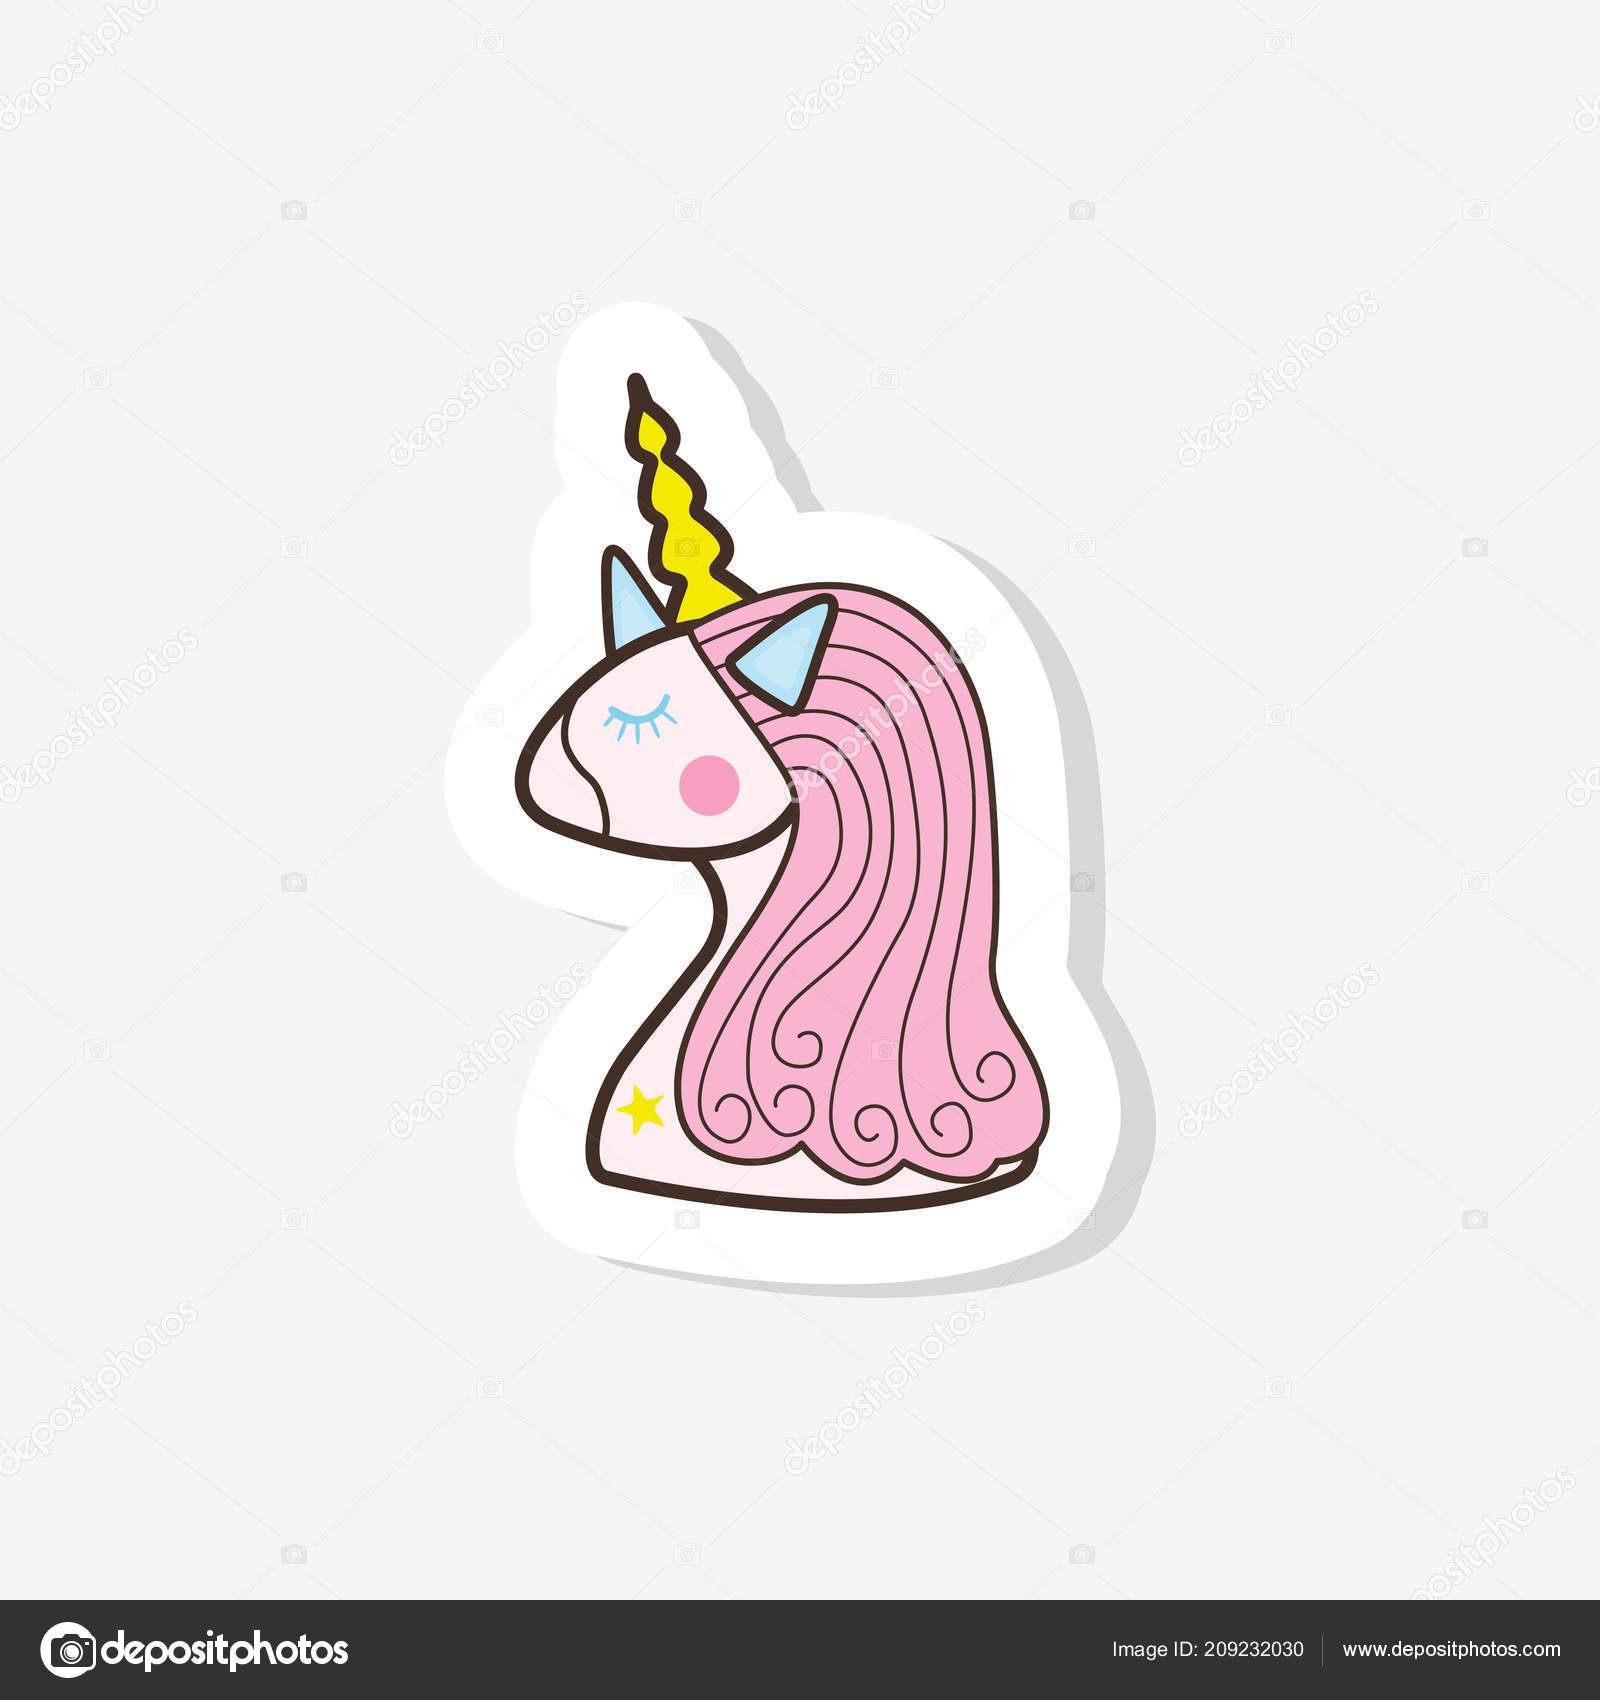 Illustrazione Unicorno Disegno Bambini Illustrazioni Sveglie